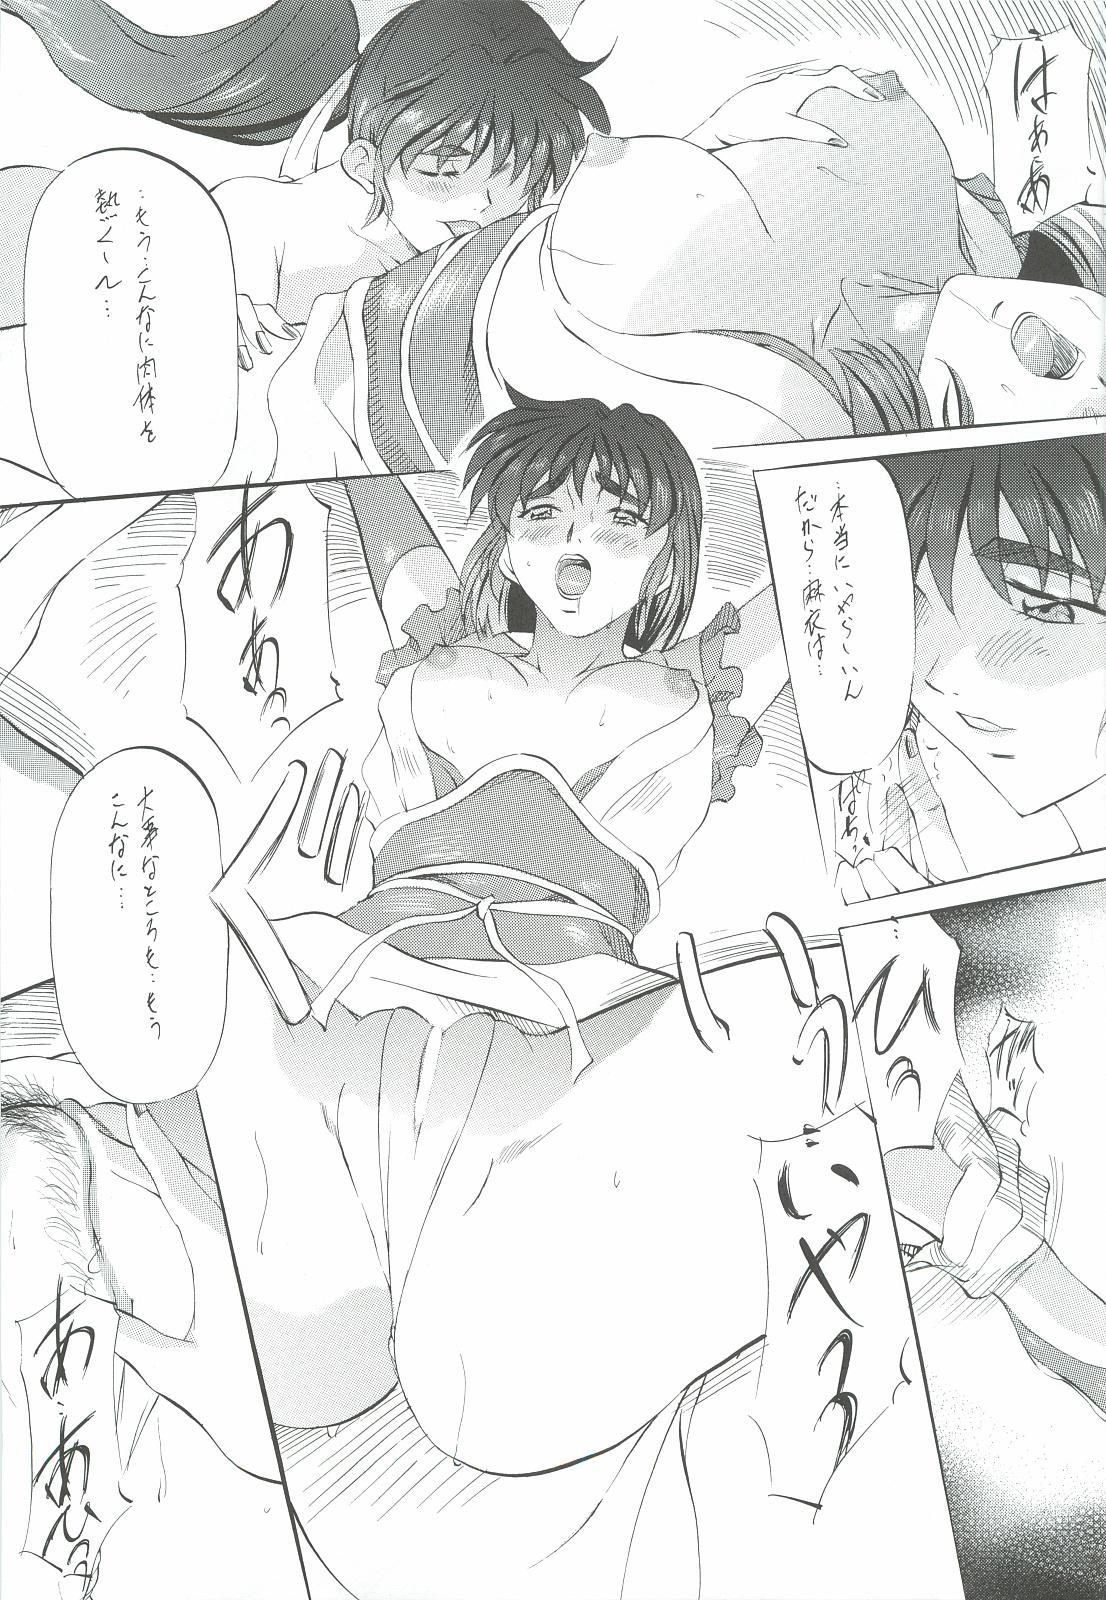 Ai & Mai Gaiden - Kishin Fukkatsu no Shou 43